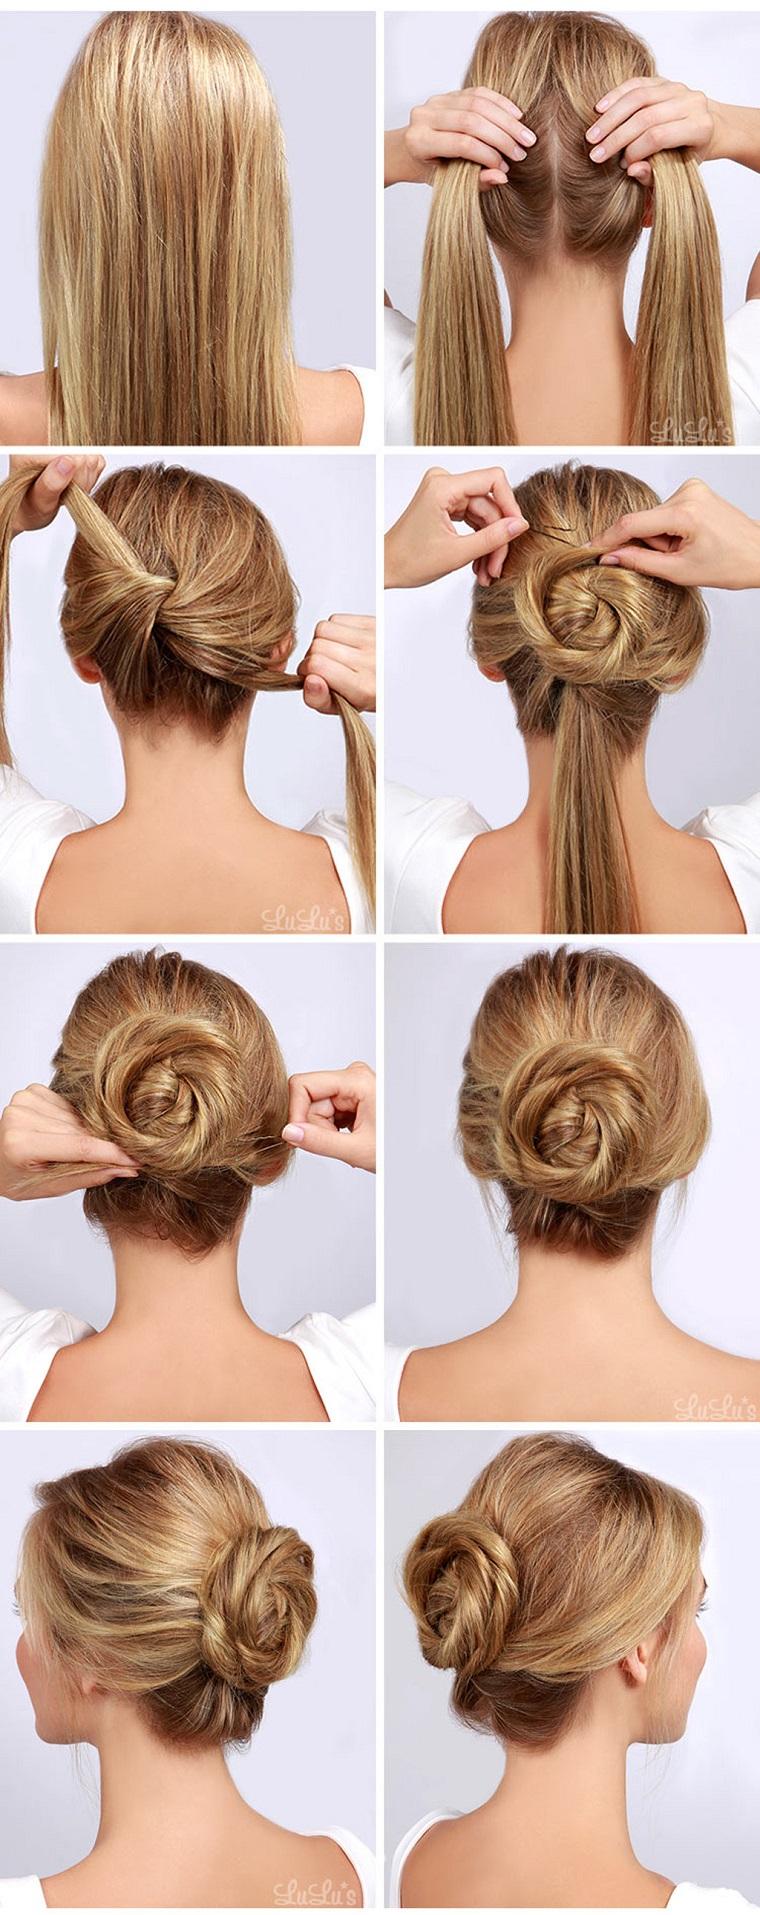 Pettinature capelli raccolti, tutorial per capelli lunghi, chignon mosso a nodo